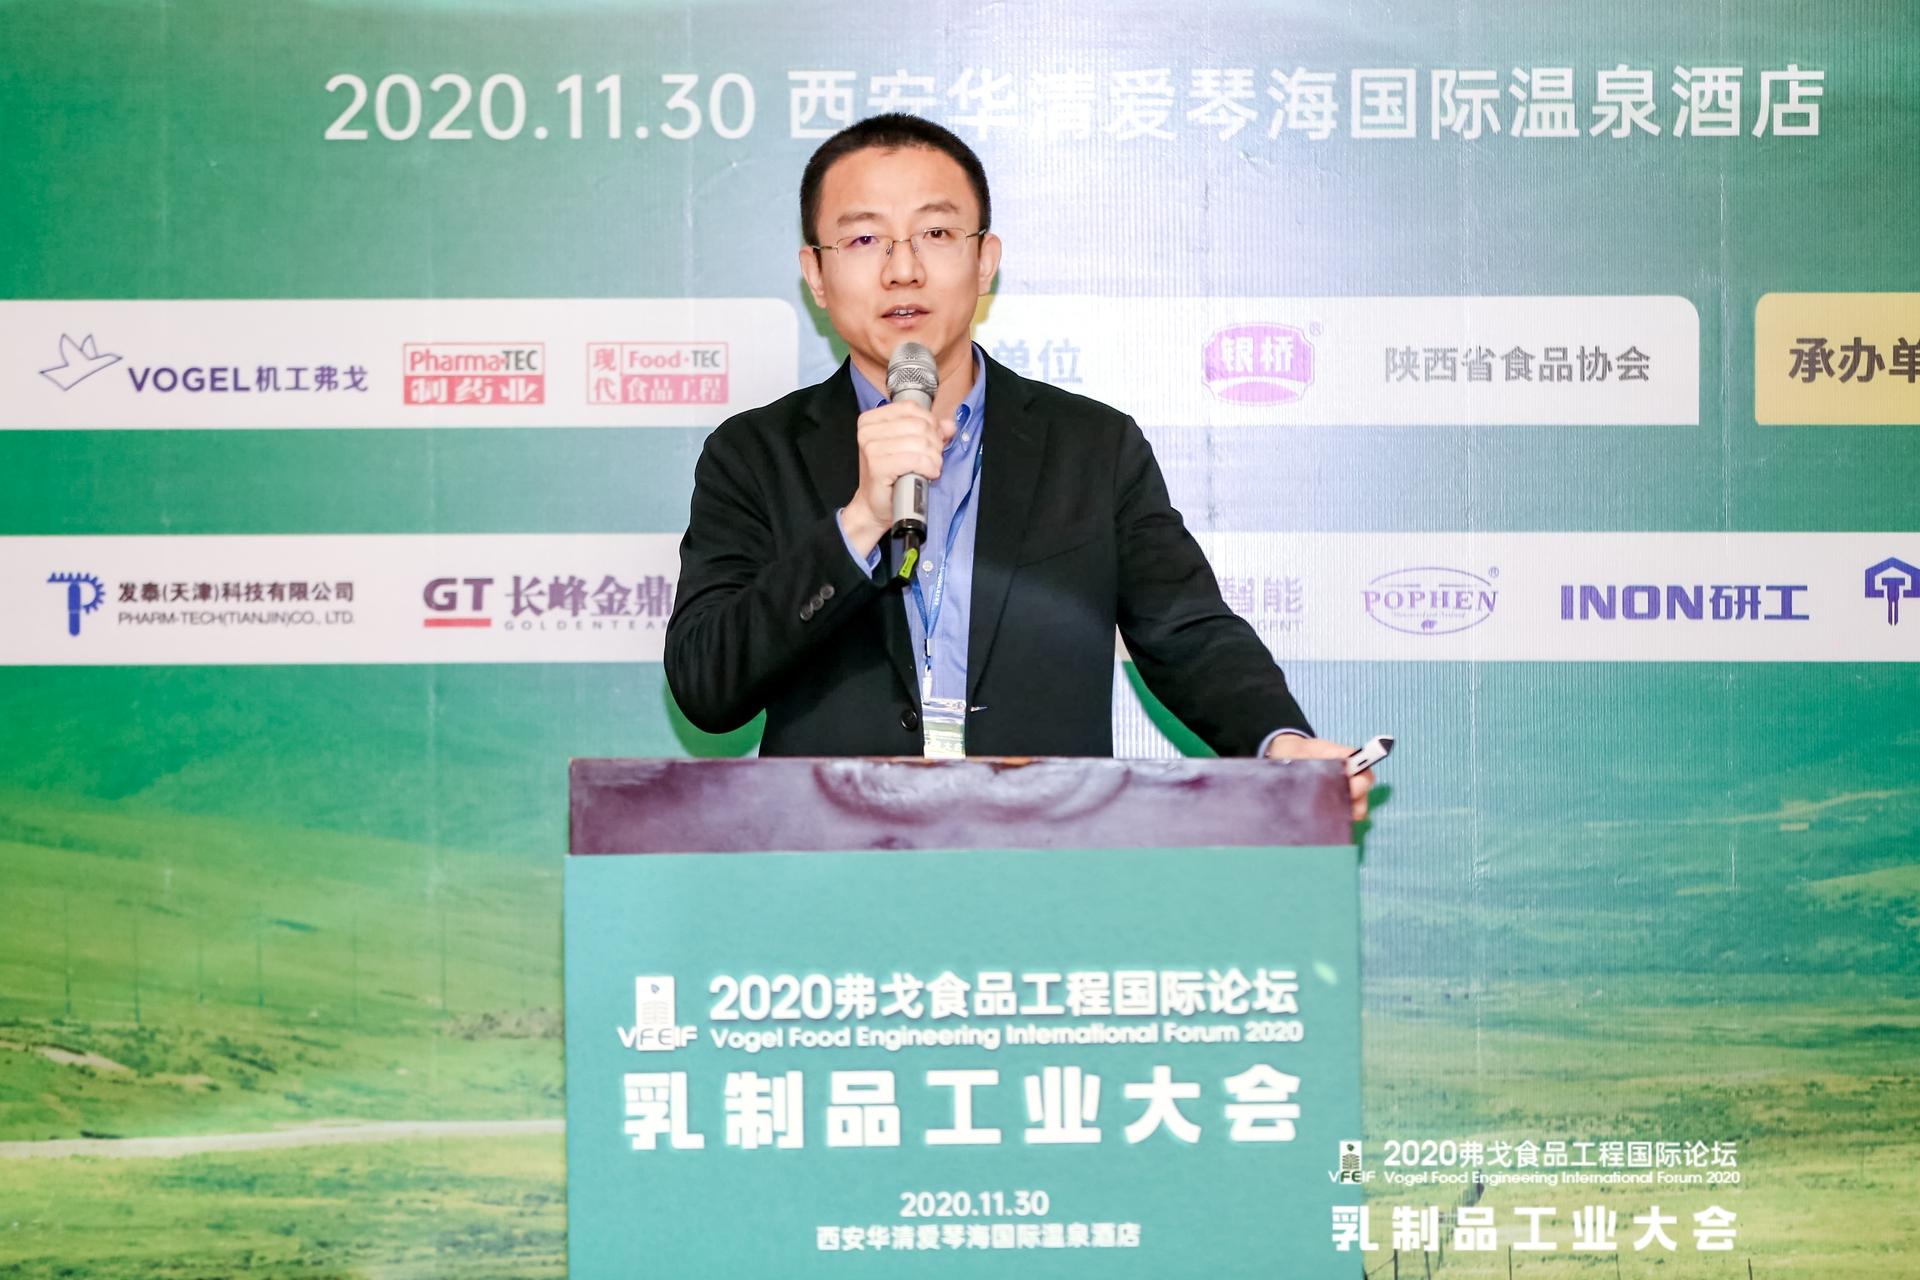 赵金石,北京历源金成科技有限公司总经理